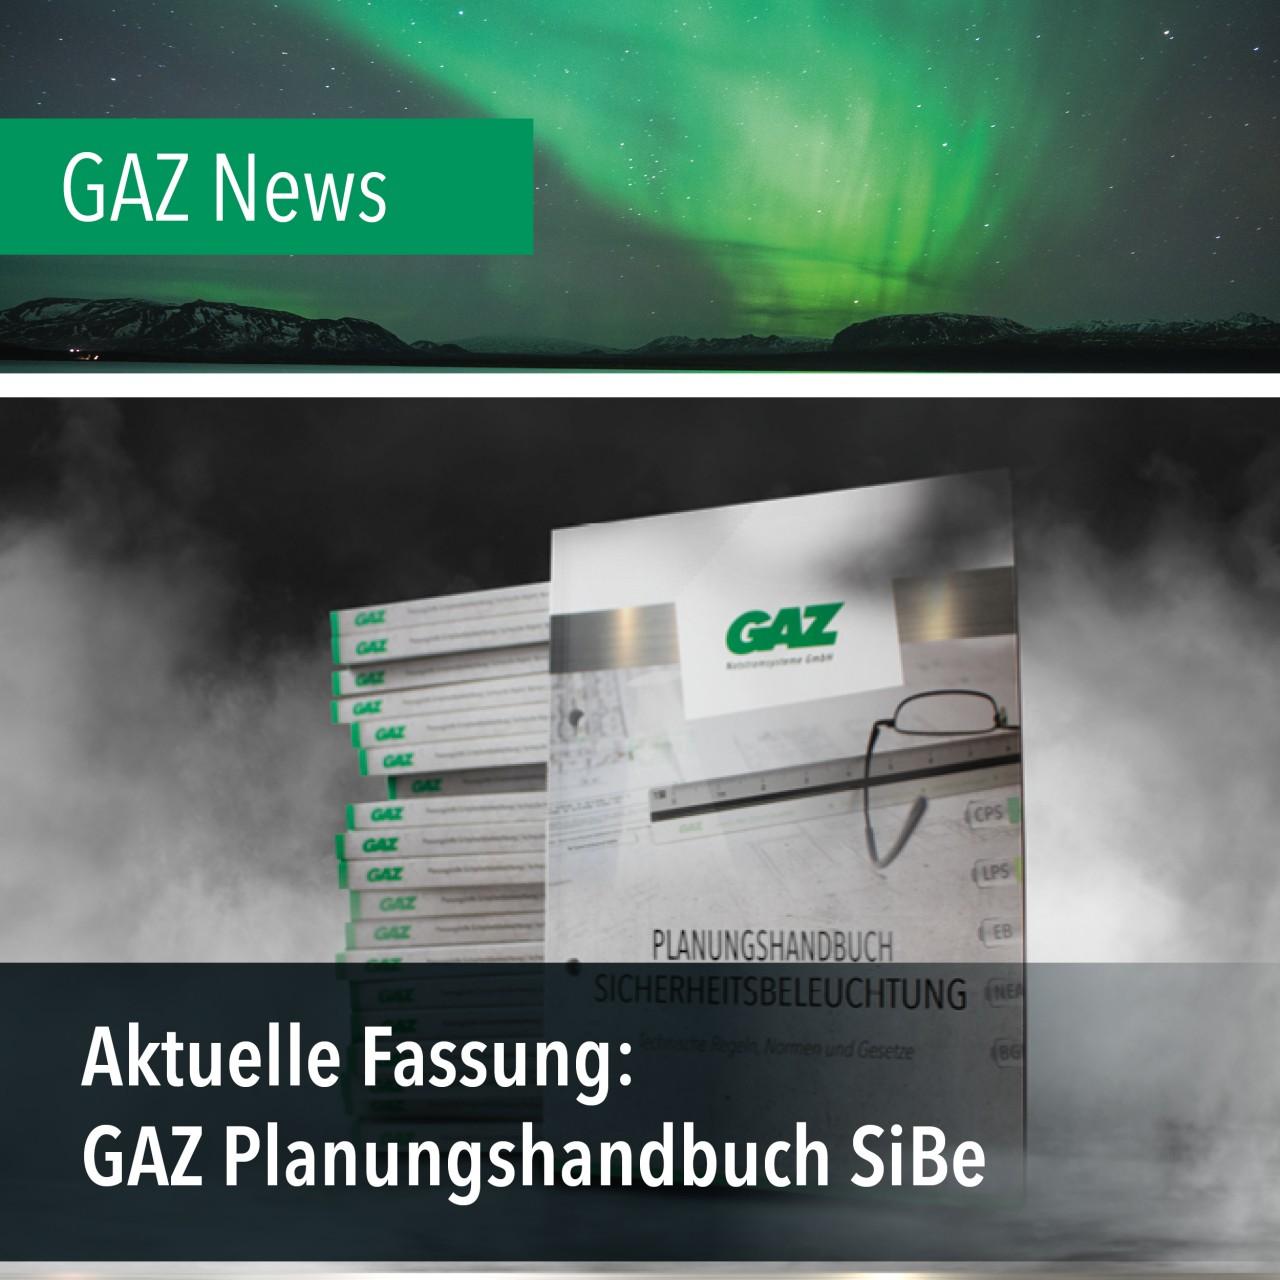 Planungshandbuch_Aktualisiert_GAZ_600x600px